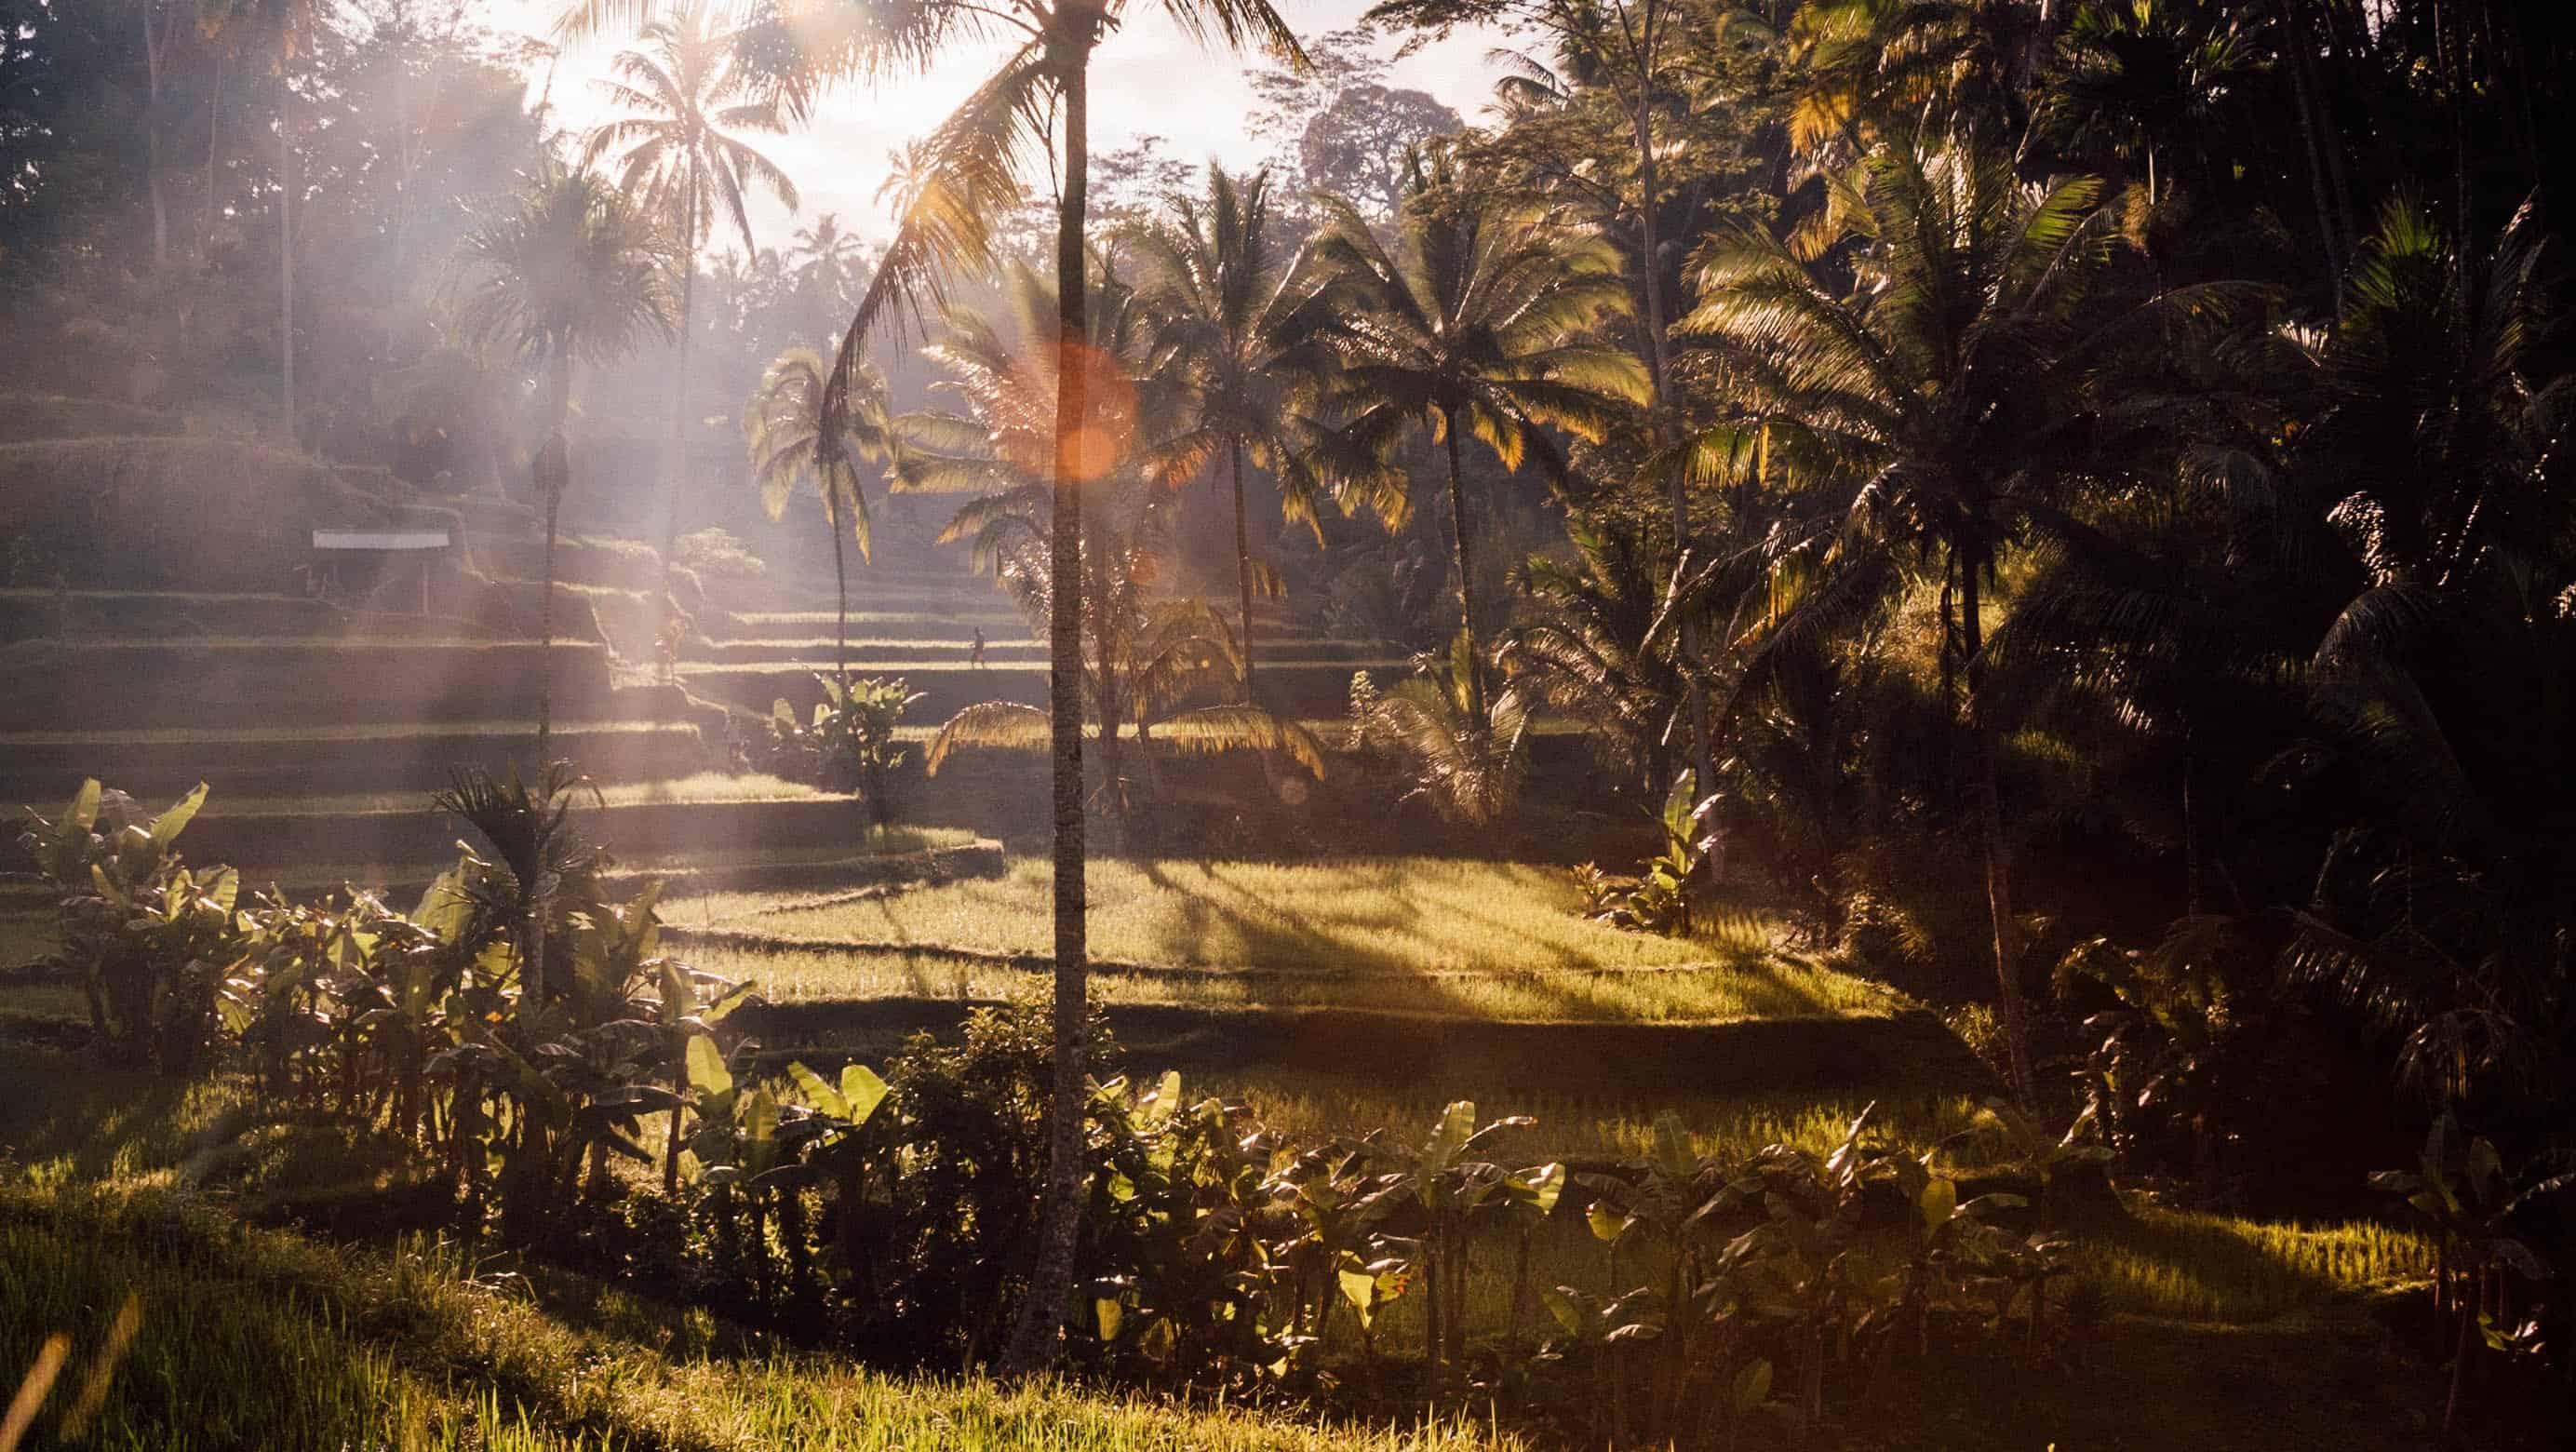 Vakantie voorpret: mijn reis naar Bali (met tips & korting voor je eigen reis)!